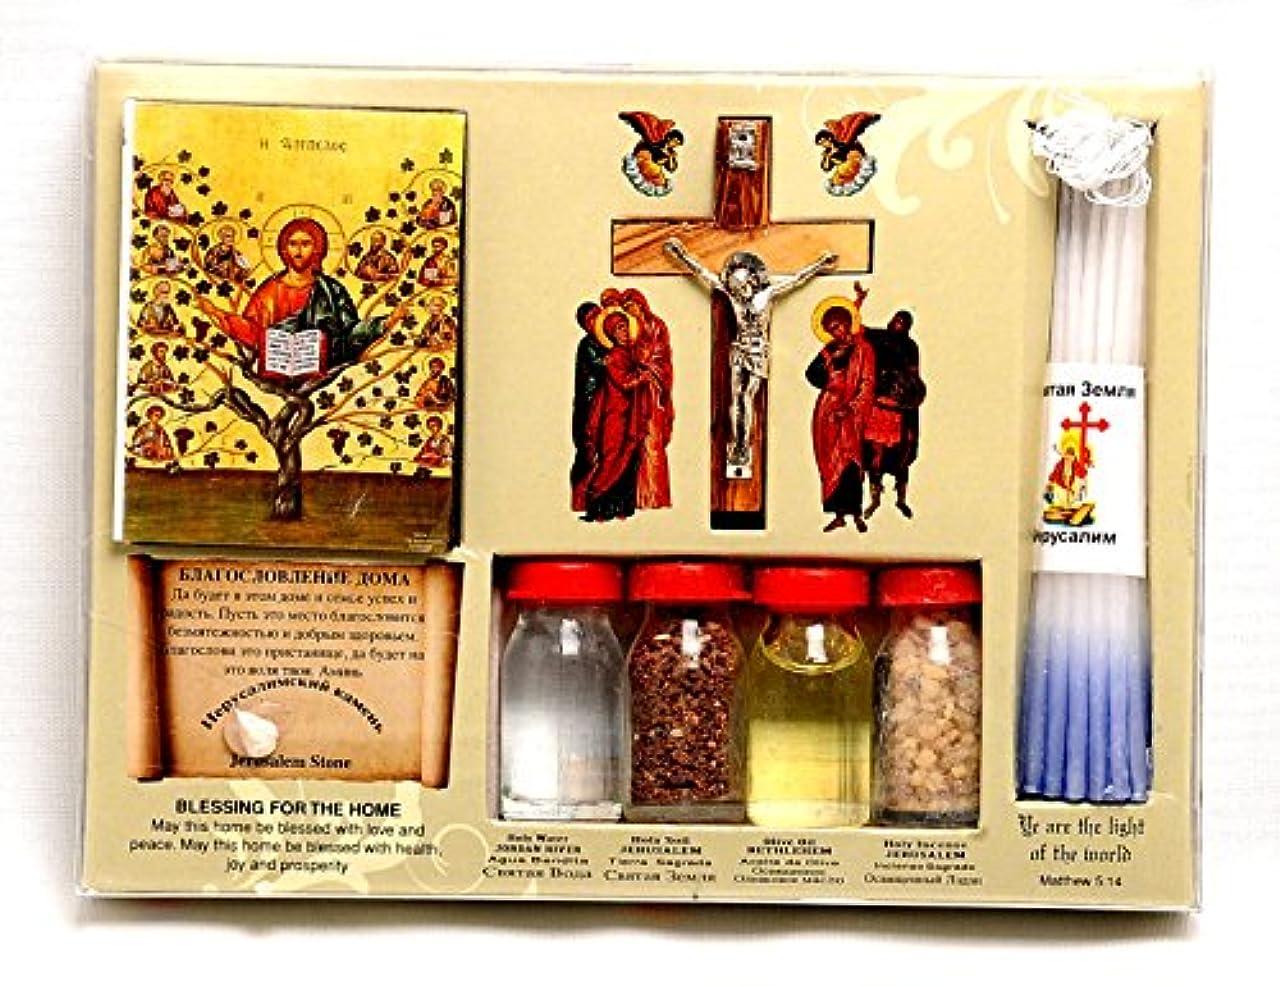 私達サロン家事をするホーム祝福キットボトル、クロス&キャンドルに聖地エルサレム